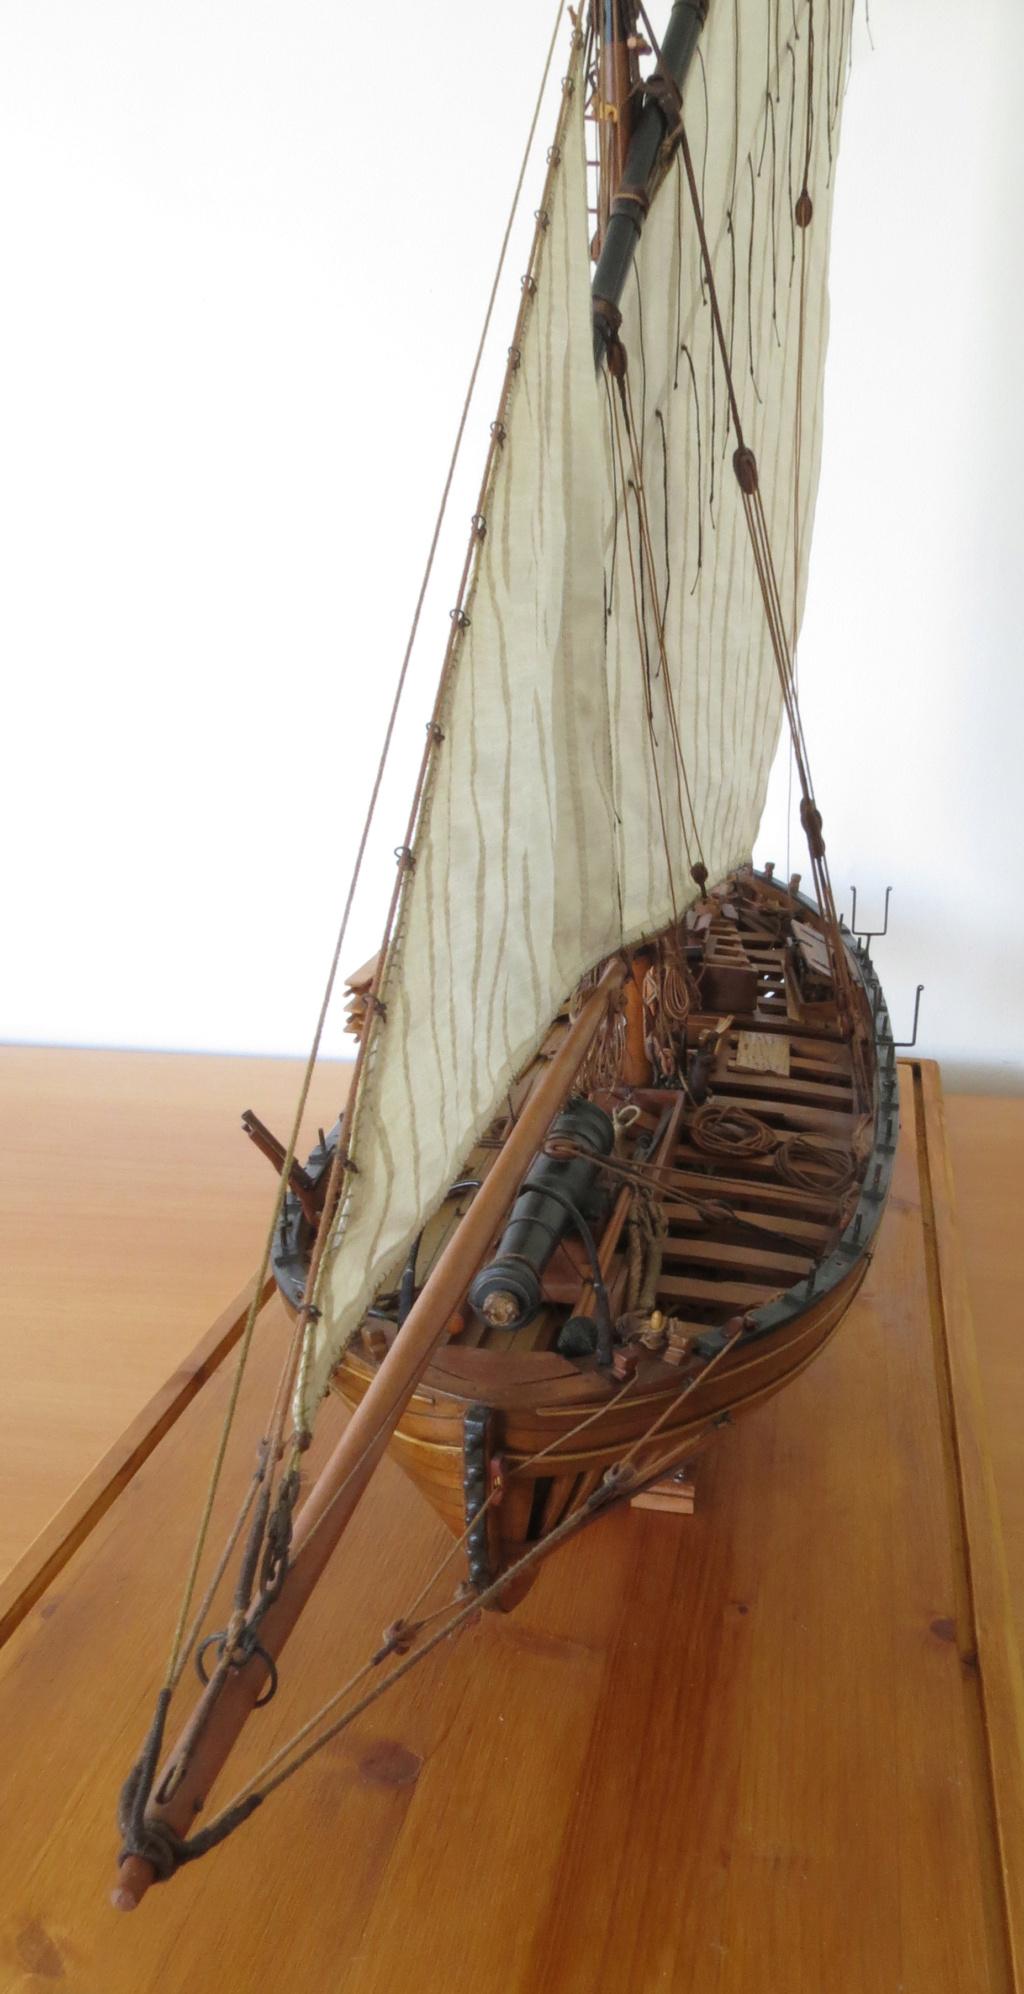 Corallina (paranzella) armata in guerra (pezzo in ferro da 18 libbre) - Marina Napoletana (flottiglia) 1811 - scala 1:24 - di Riccardo Mattera - Pagina 10 Img_4414